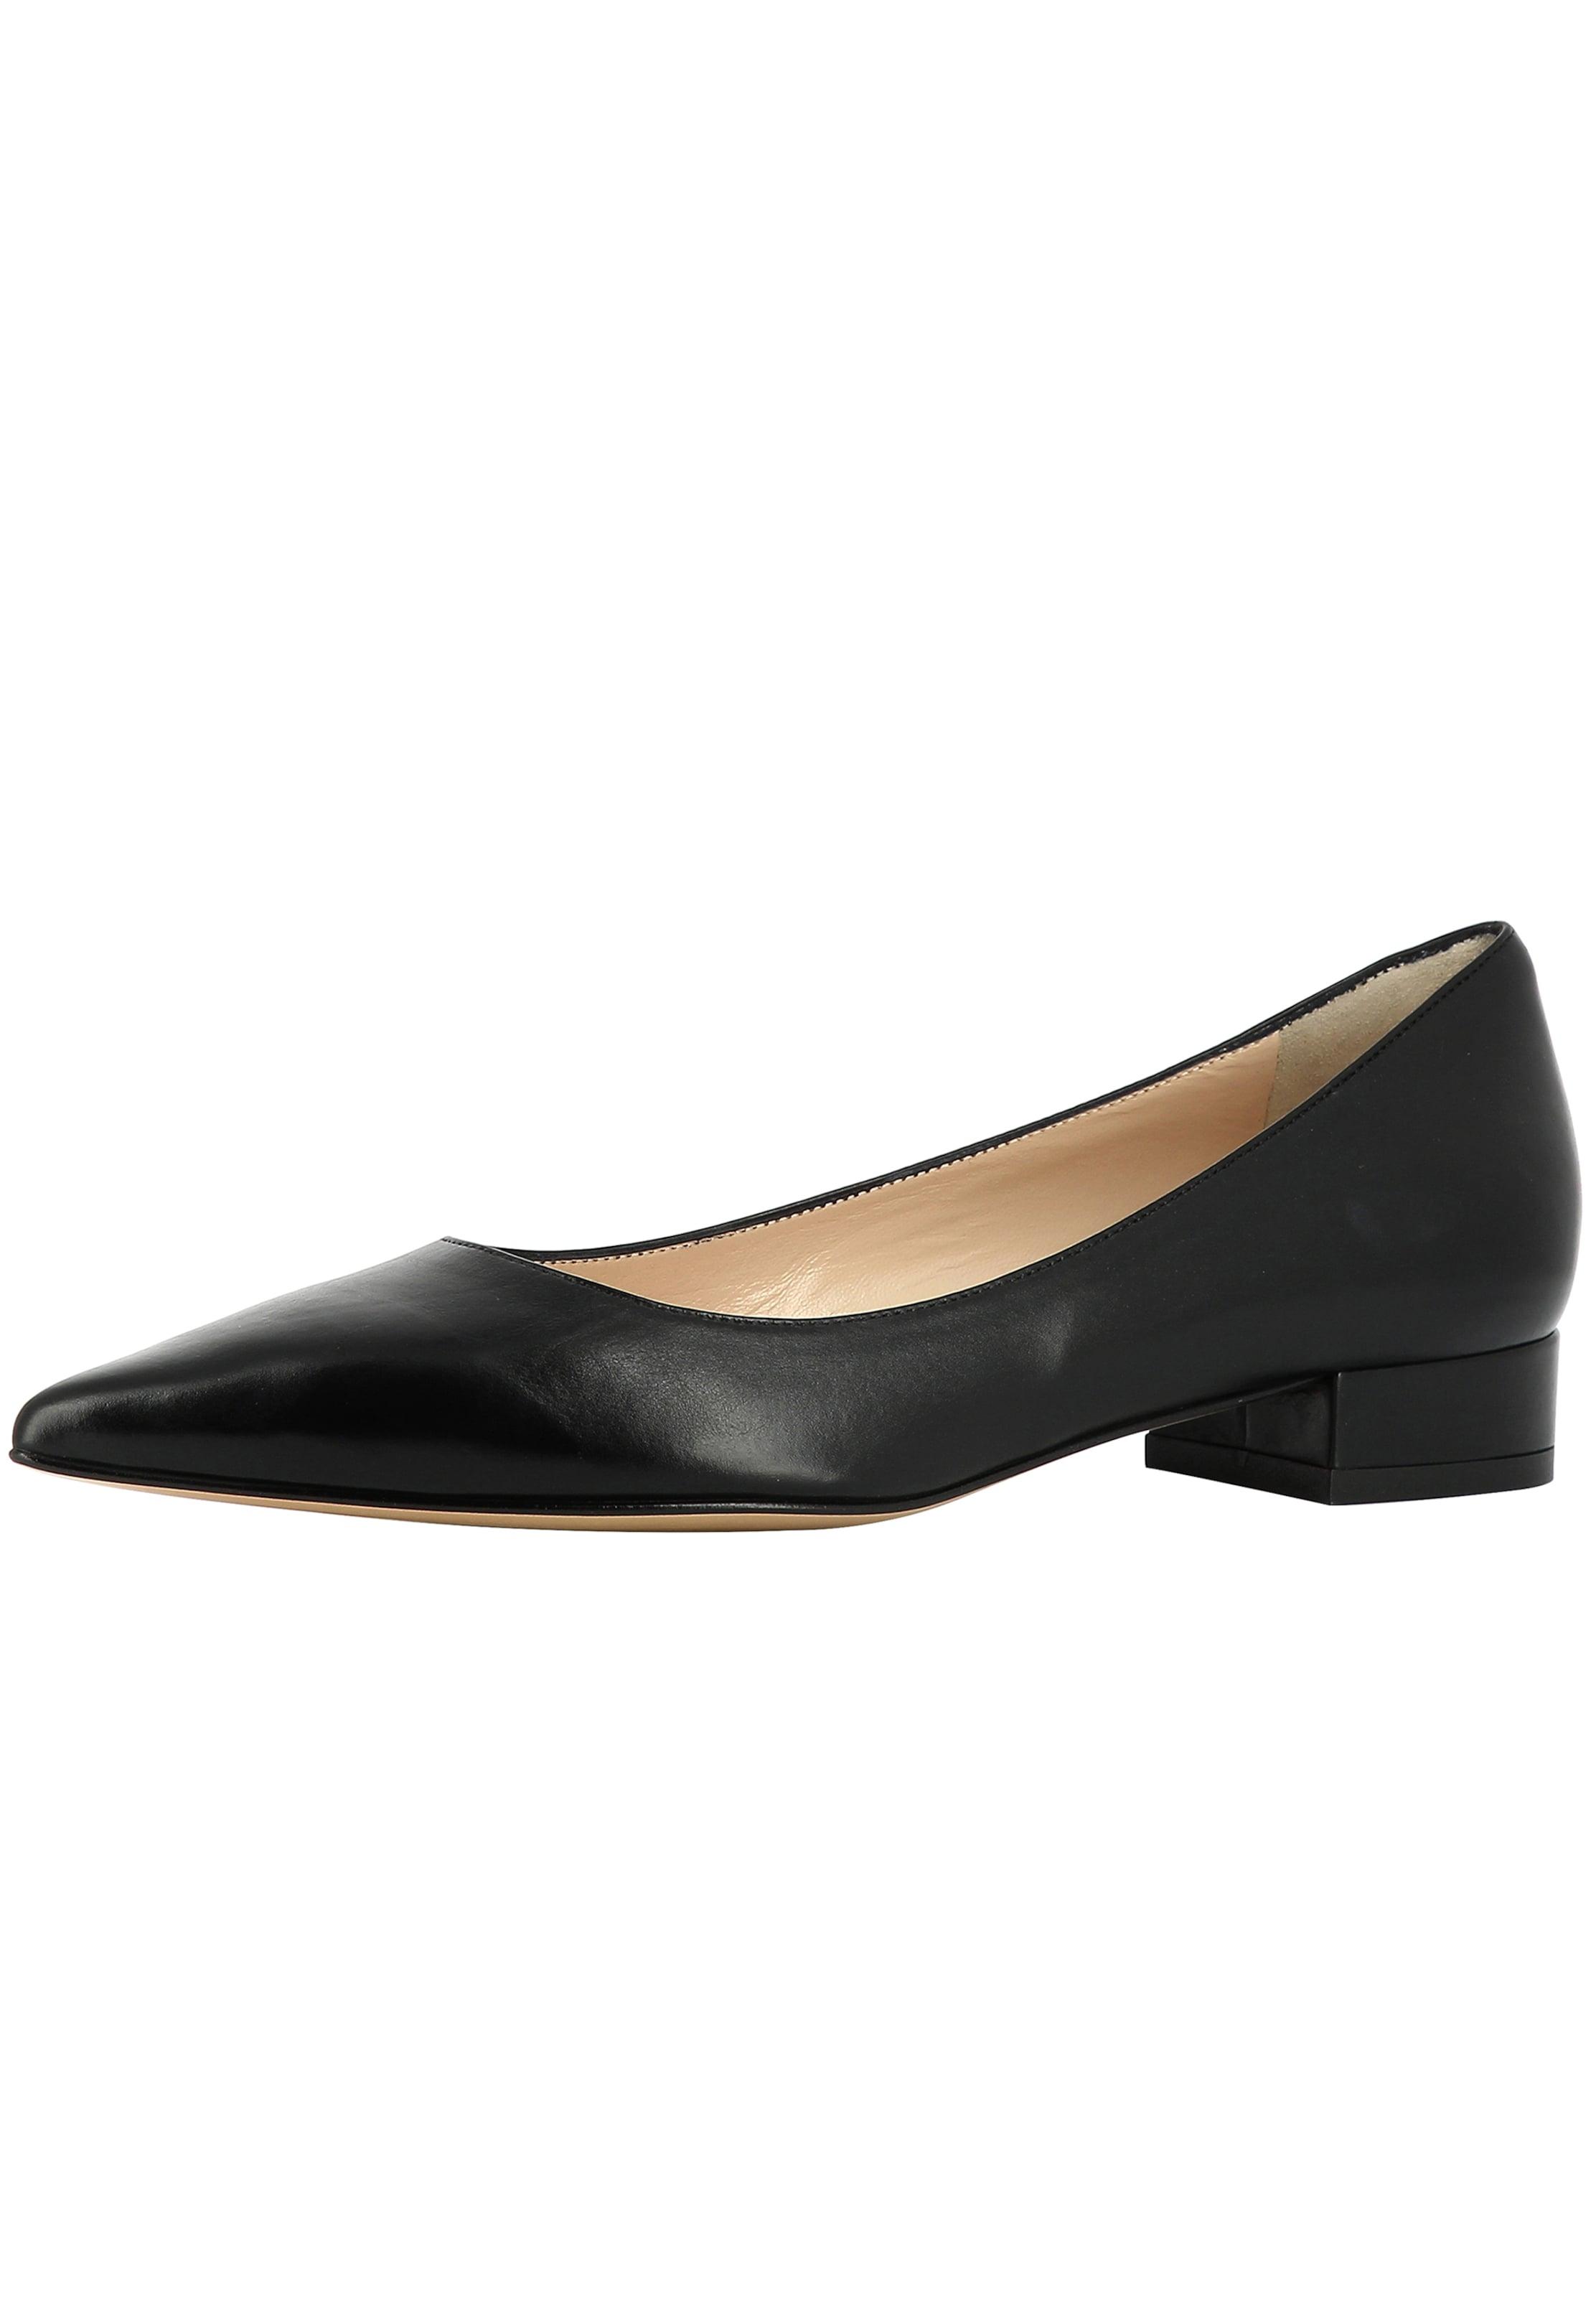 EVITA Damen Pumps Günstige und langlebige Schuhe